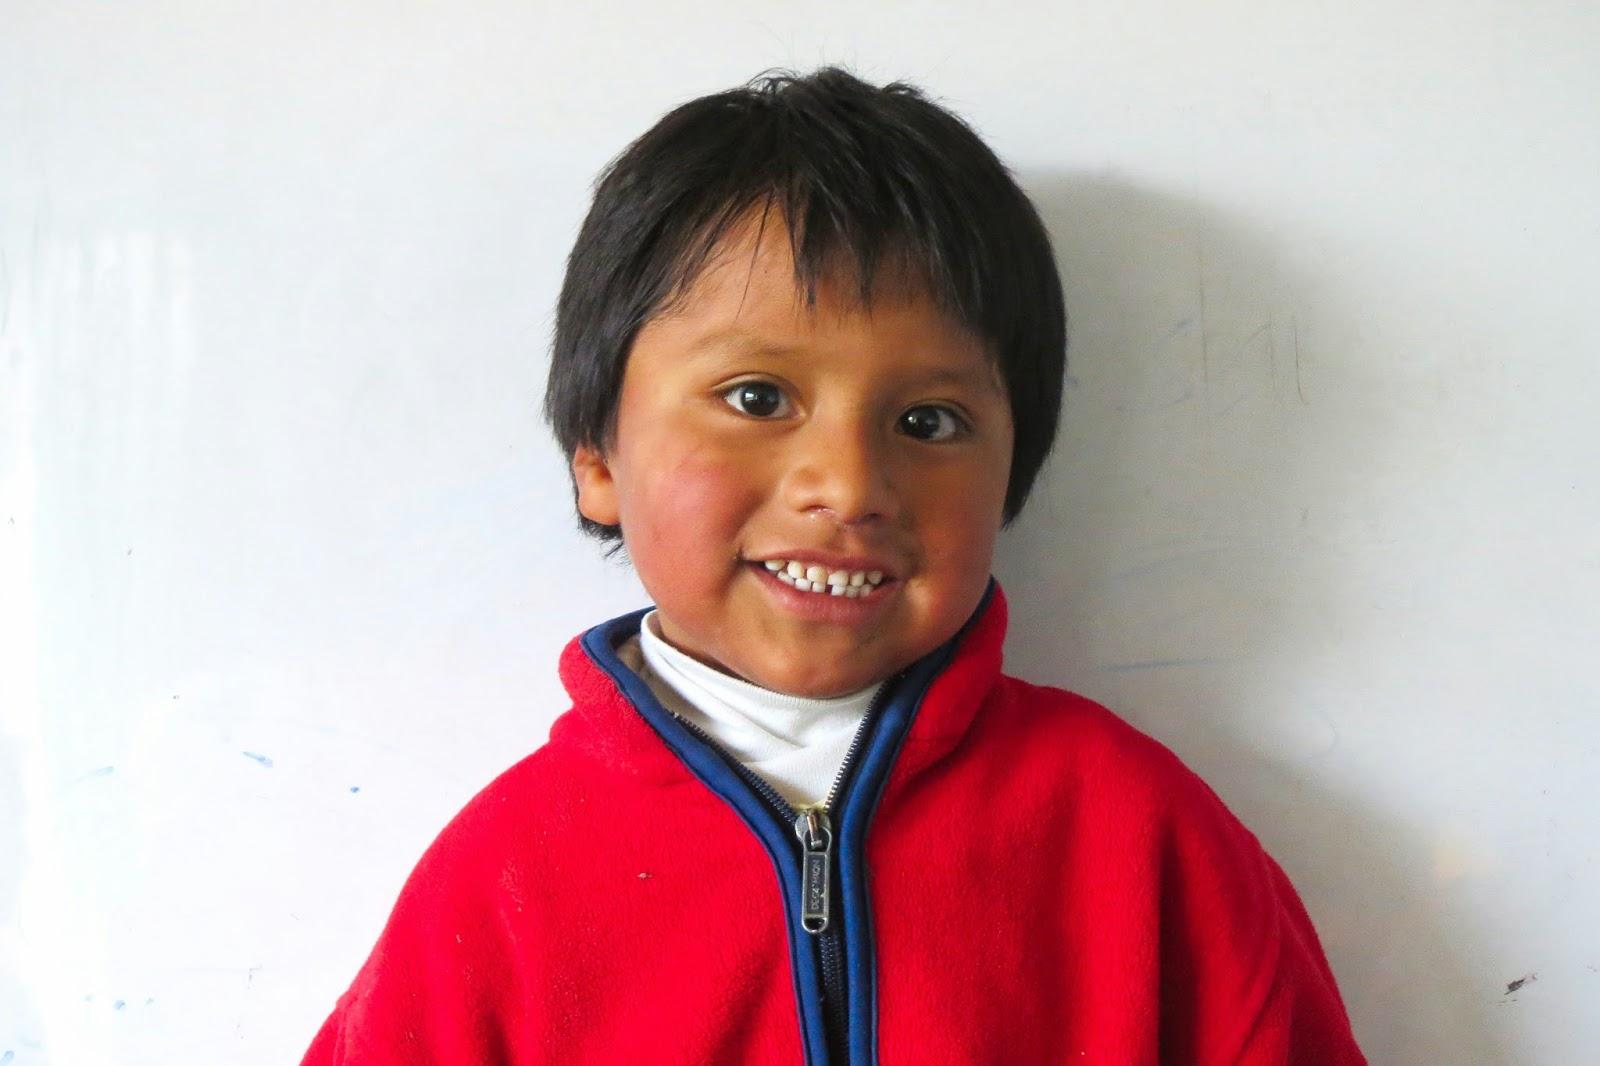 Cristian, Age 4